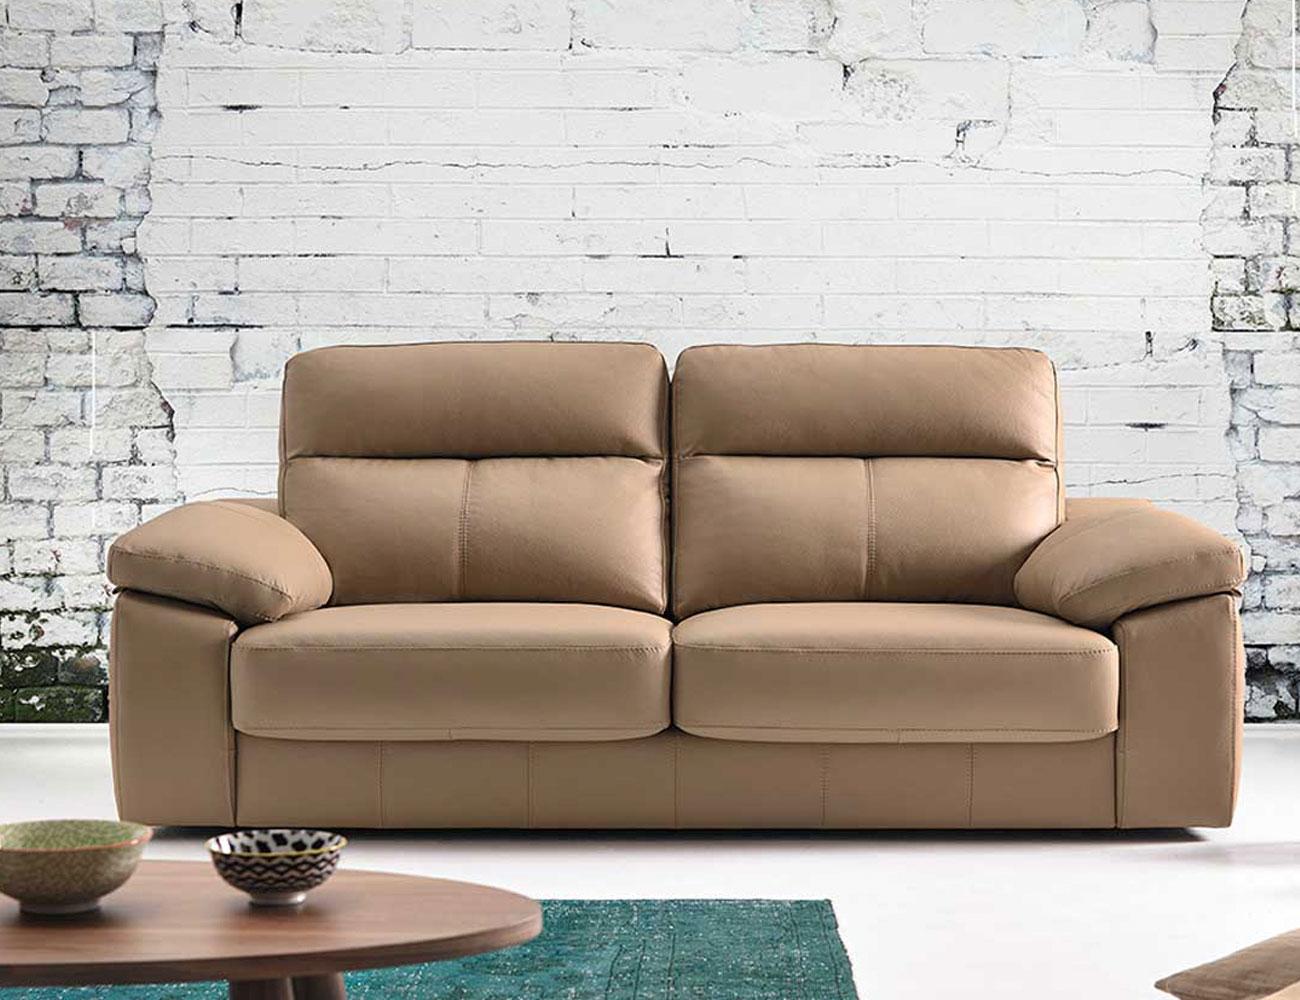 Sofa pedro ortiz piel 3 plazas1